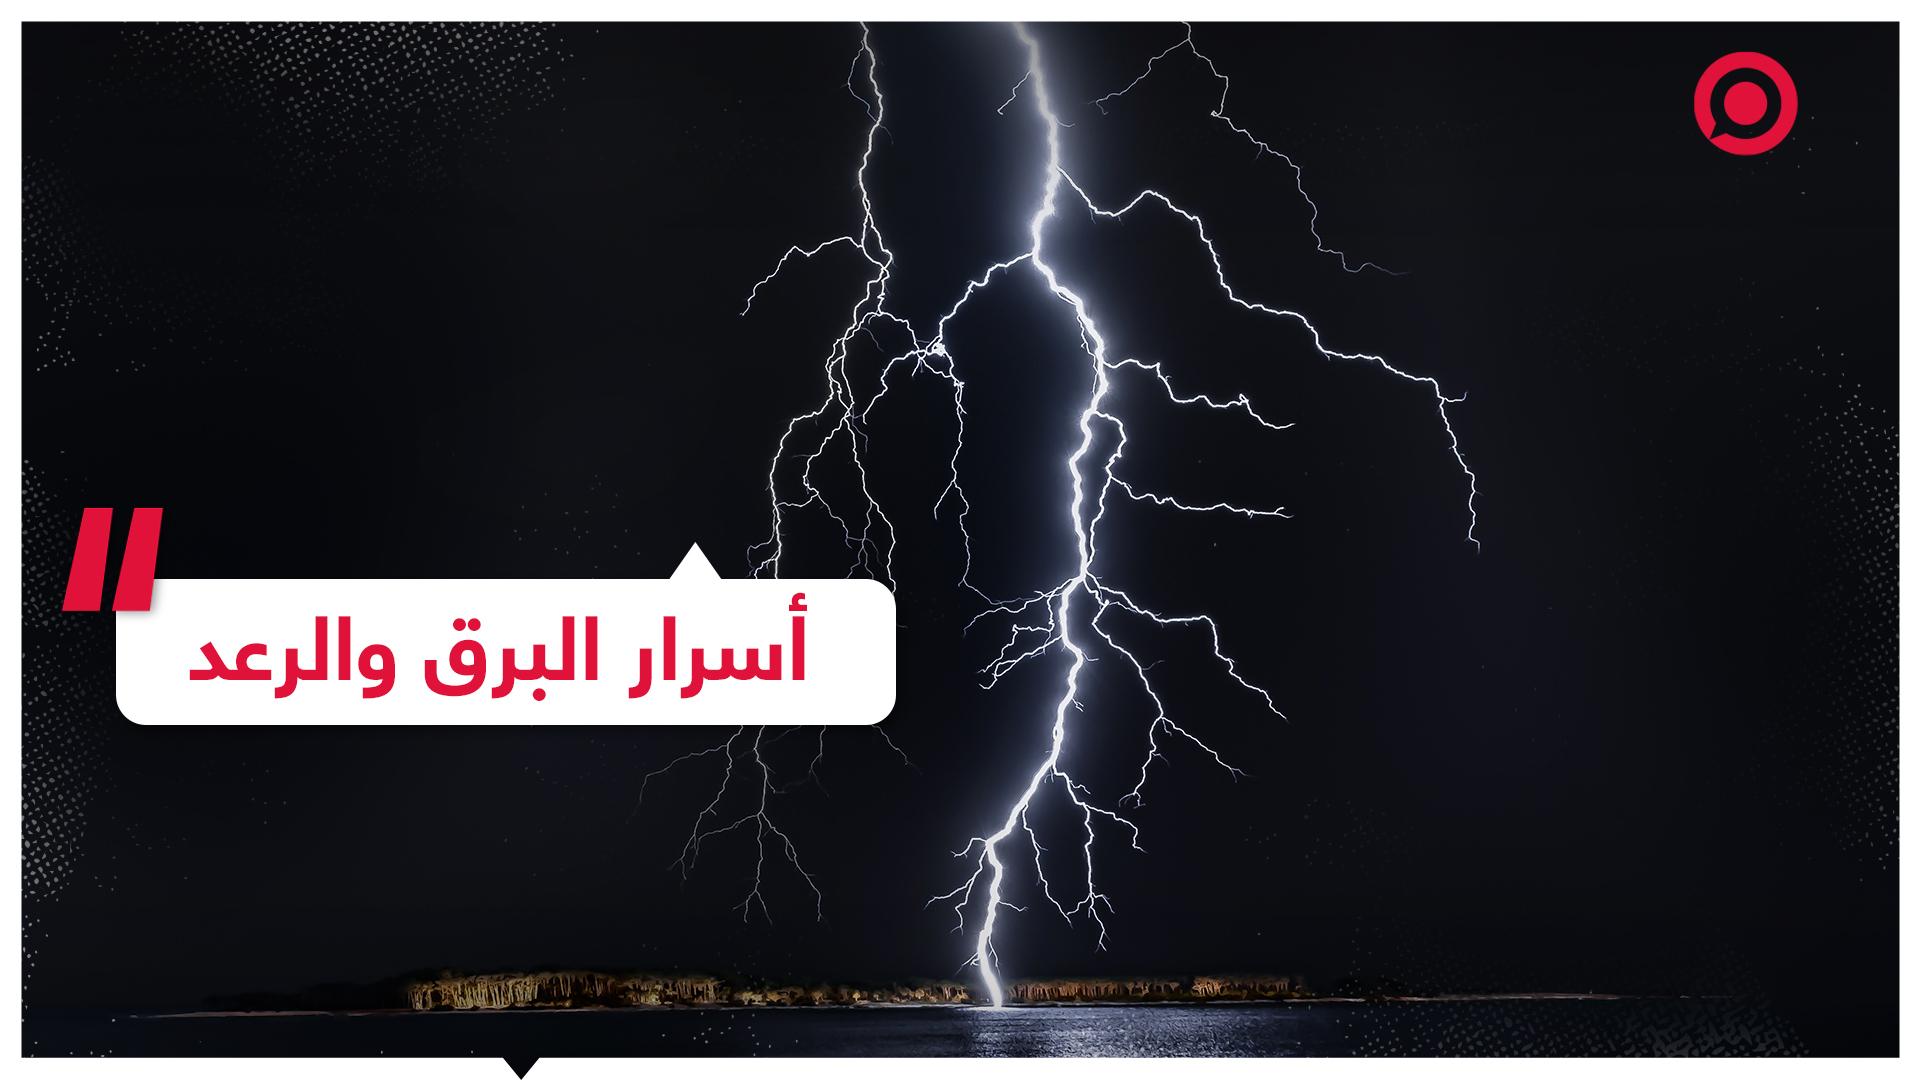 9 معلومات قد لا تعرفها عن البرق والعواصف الرعدية